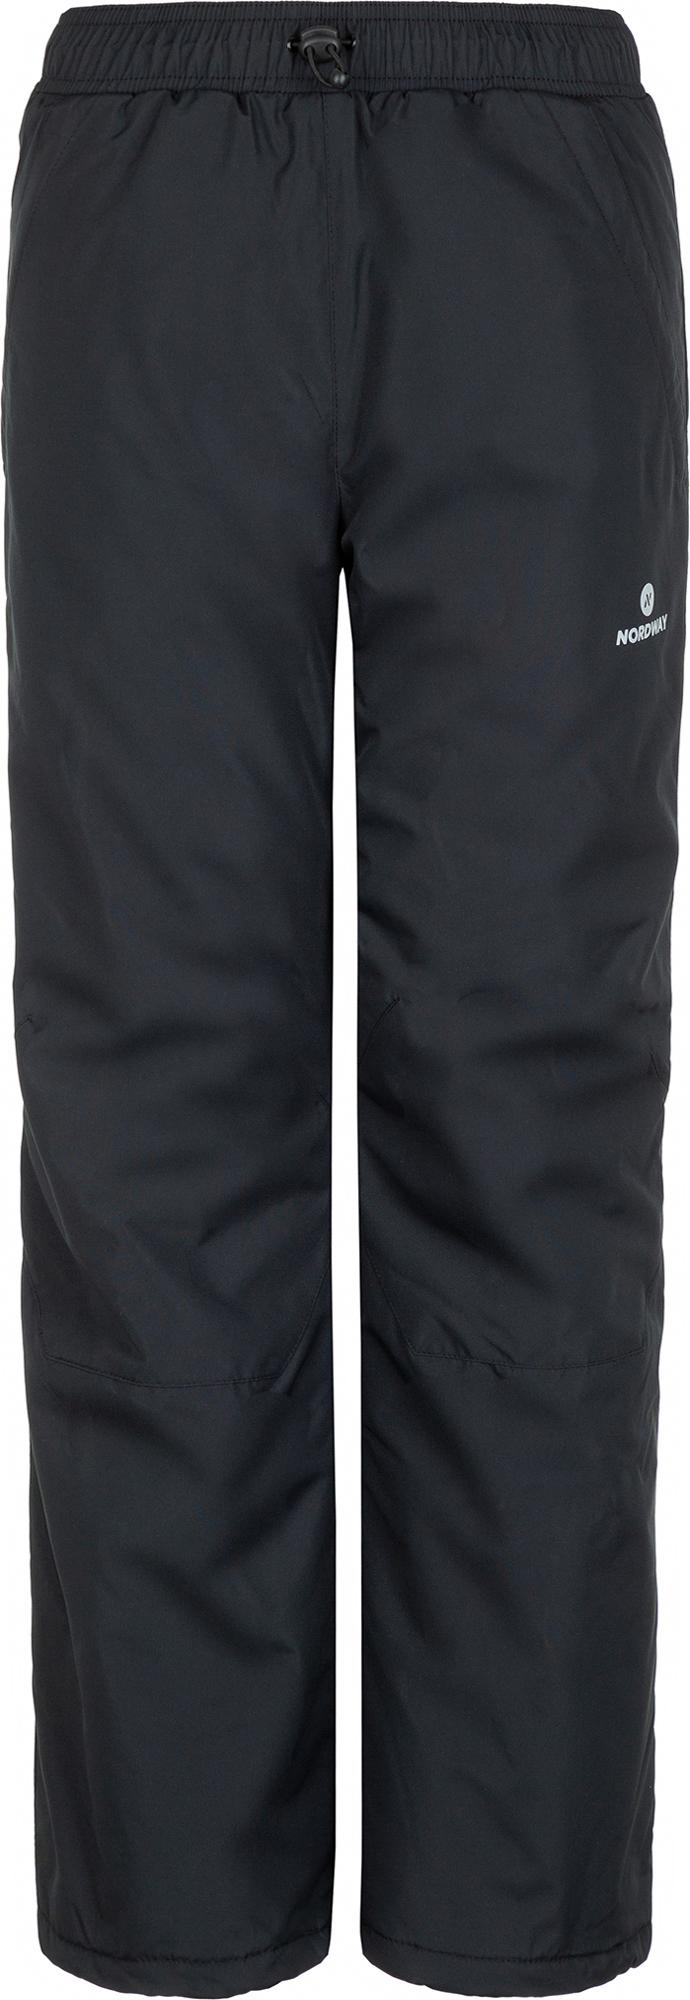 Nordway Брюки для мальчиков Nordway, размер 140 nordway ботинки для беговых лыж nordway tromse размер 44